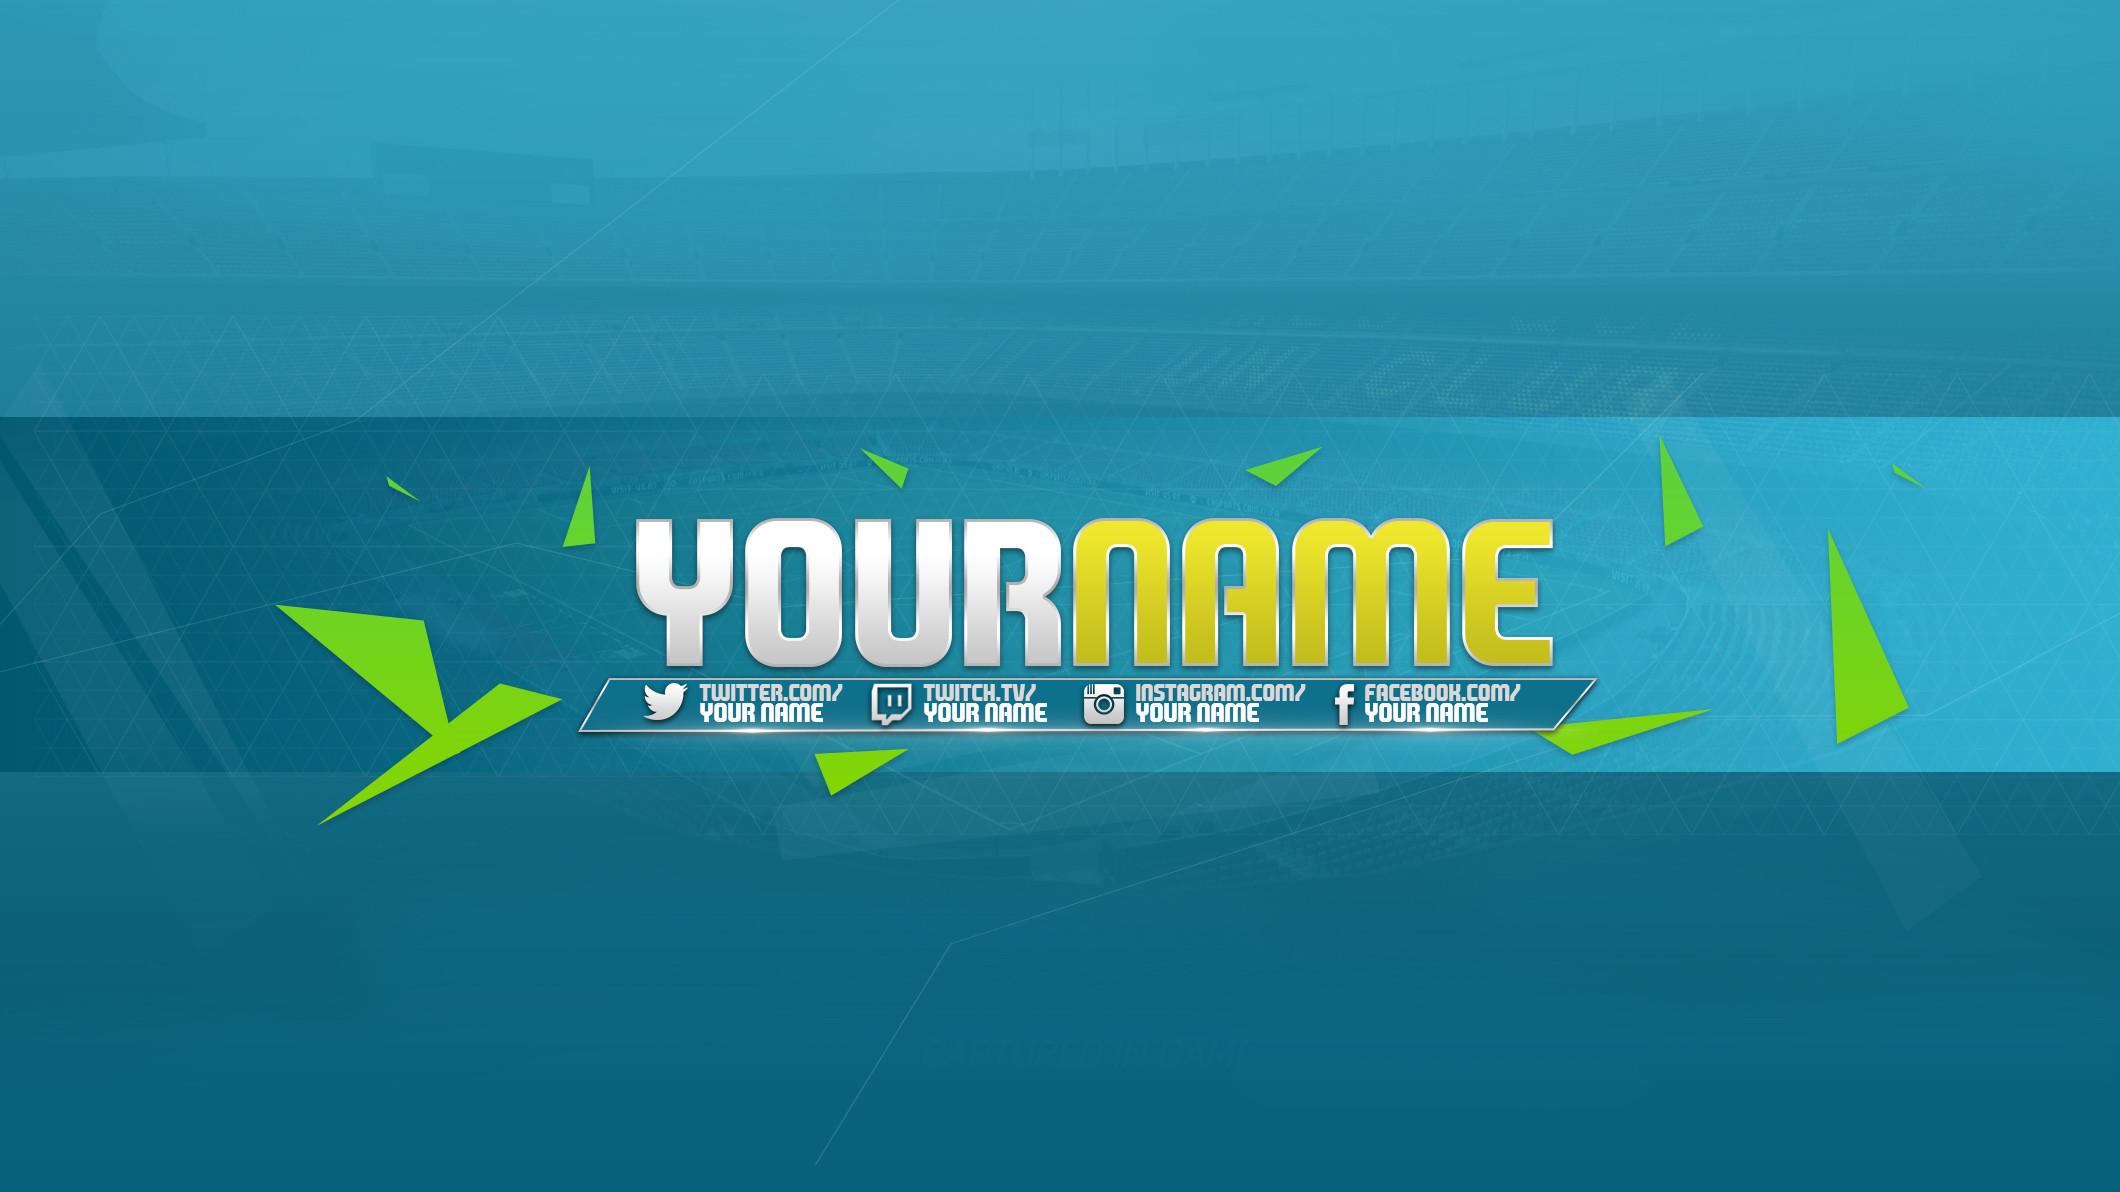 77 2048 1152 Youtube Channel Art